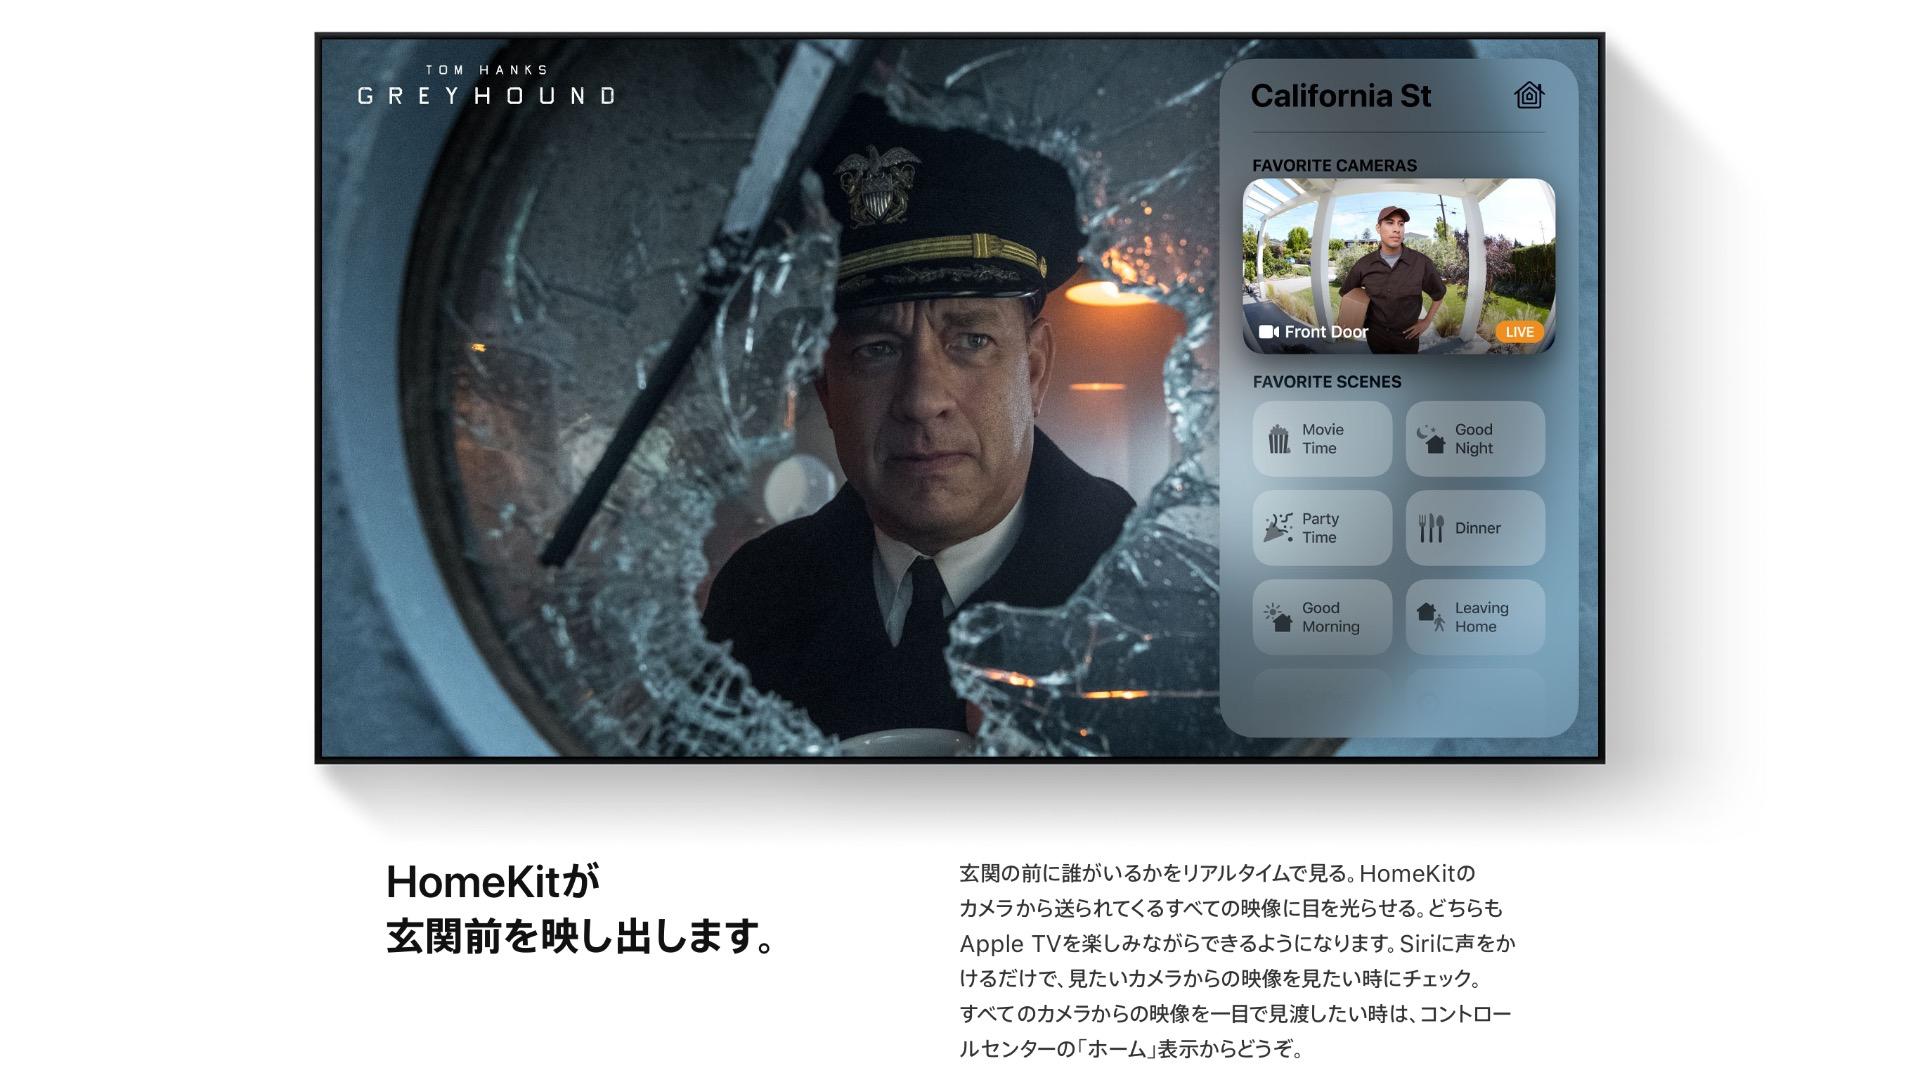 HomeKit - Apple TV